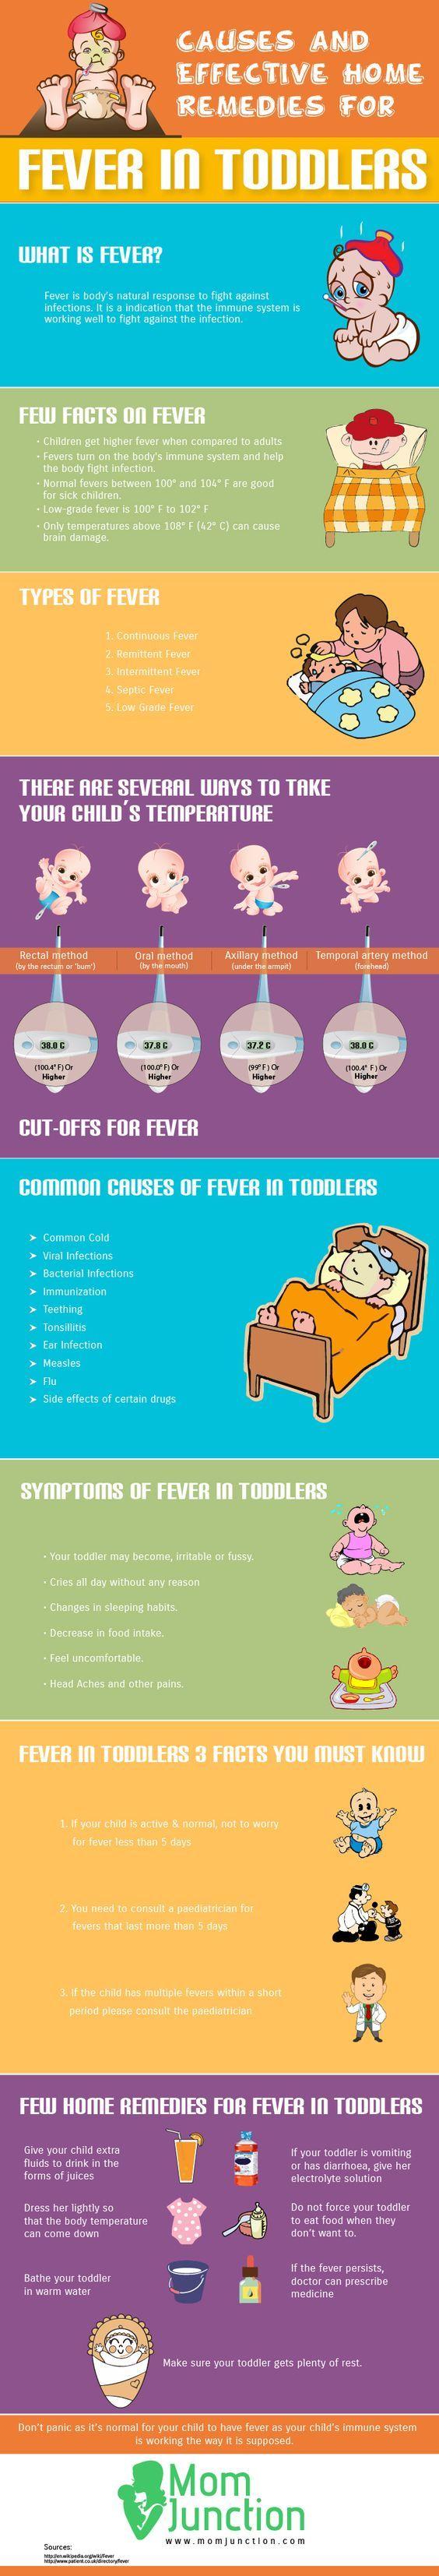 17 best ideas about fieber symptome on pinterest | bei erkältung, Hause ideen